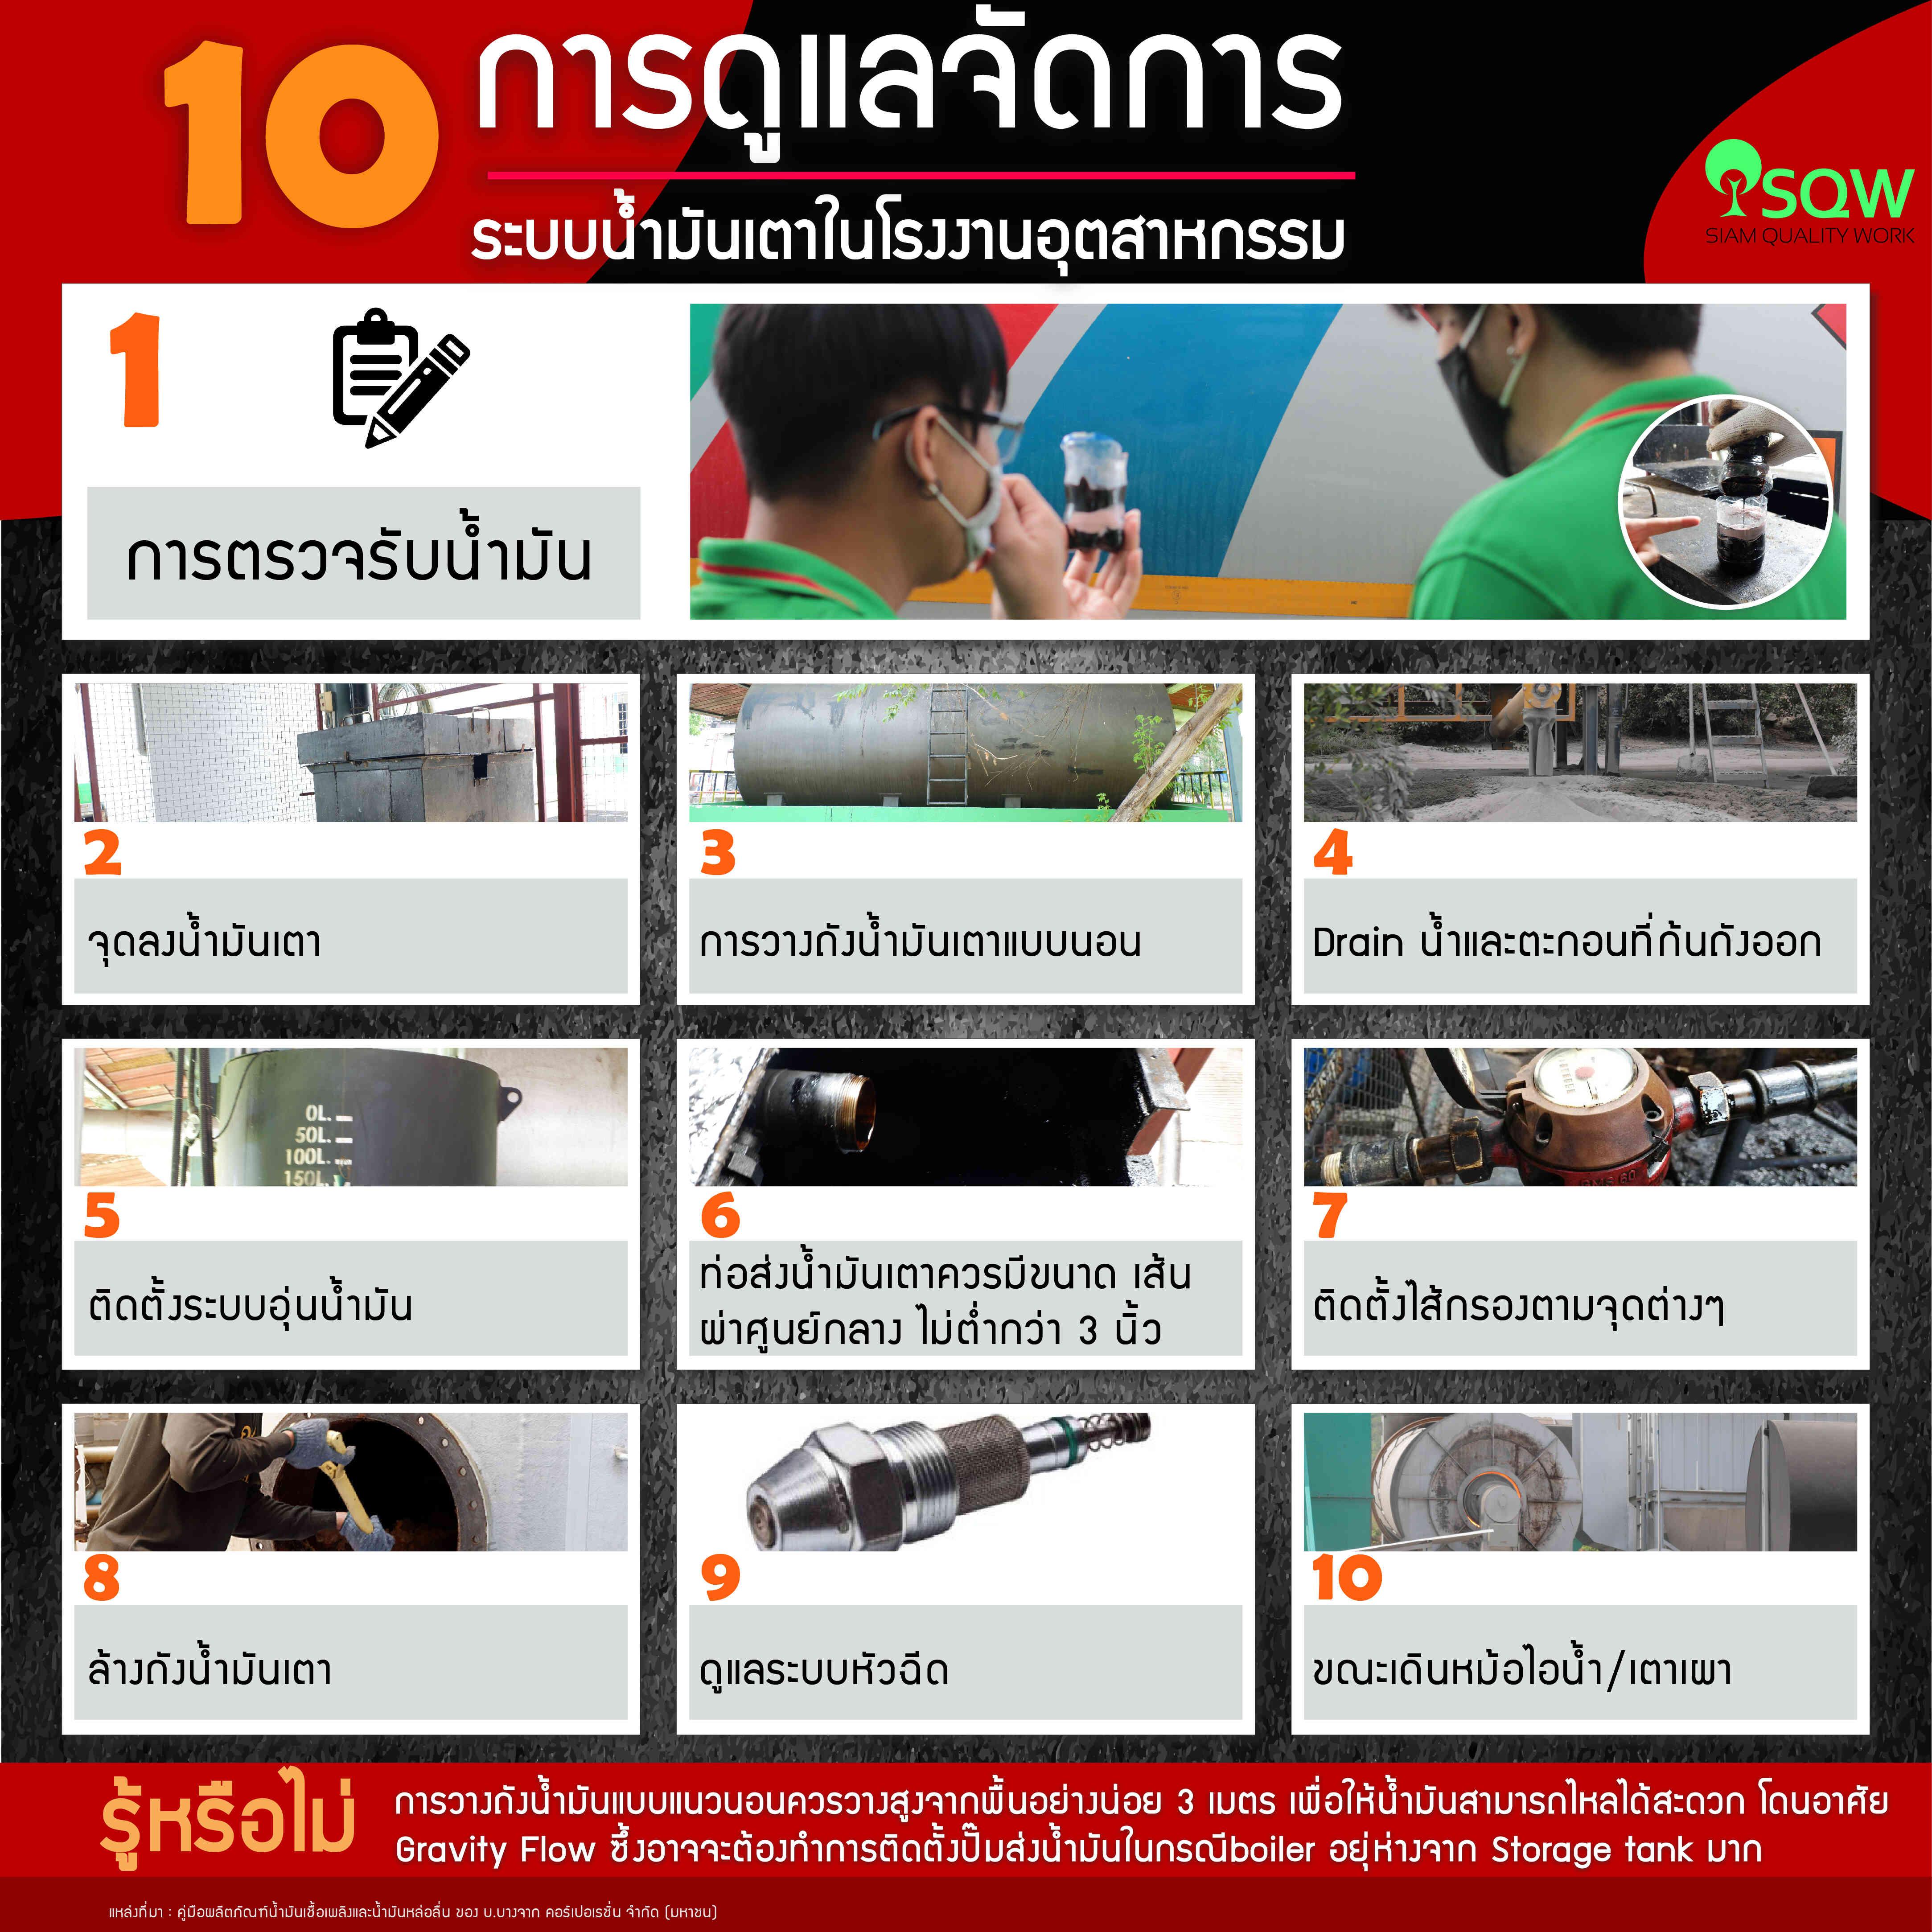 10 การจัดการระบบน้ำมันเตาในโรงงานอุตสาหกรรม